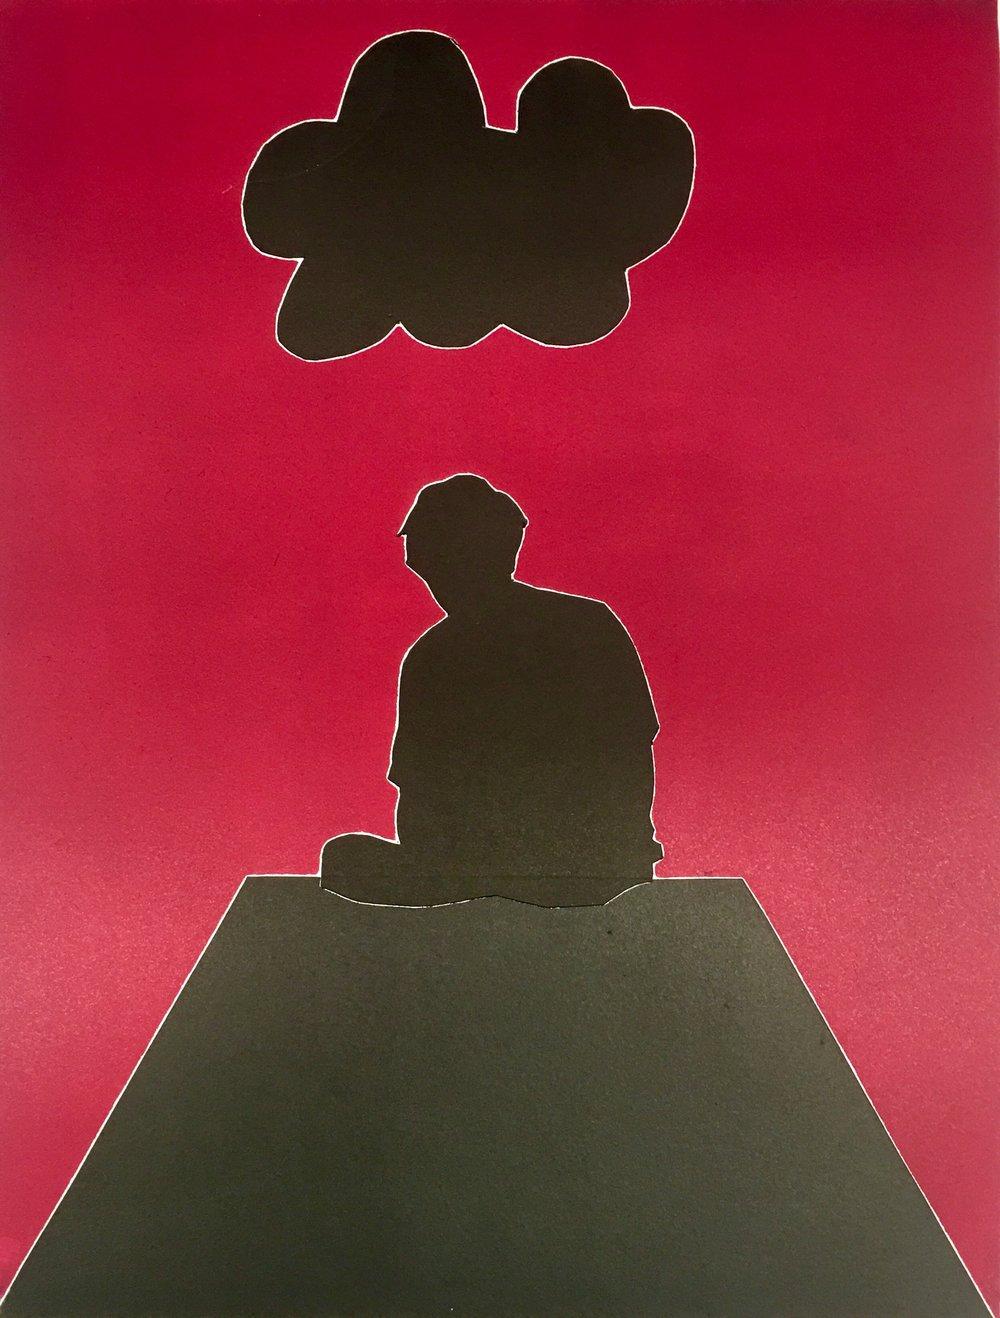 Boy, alone